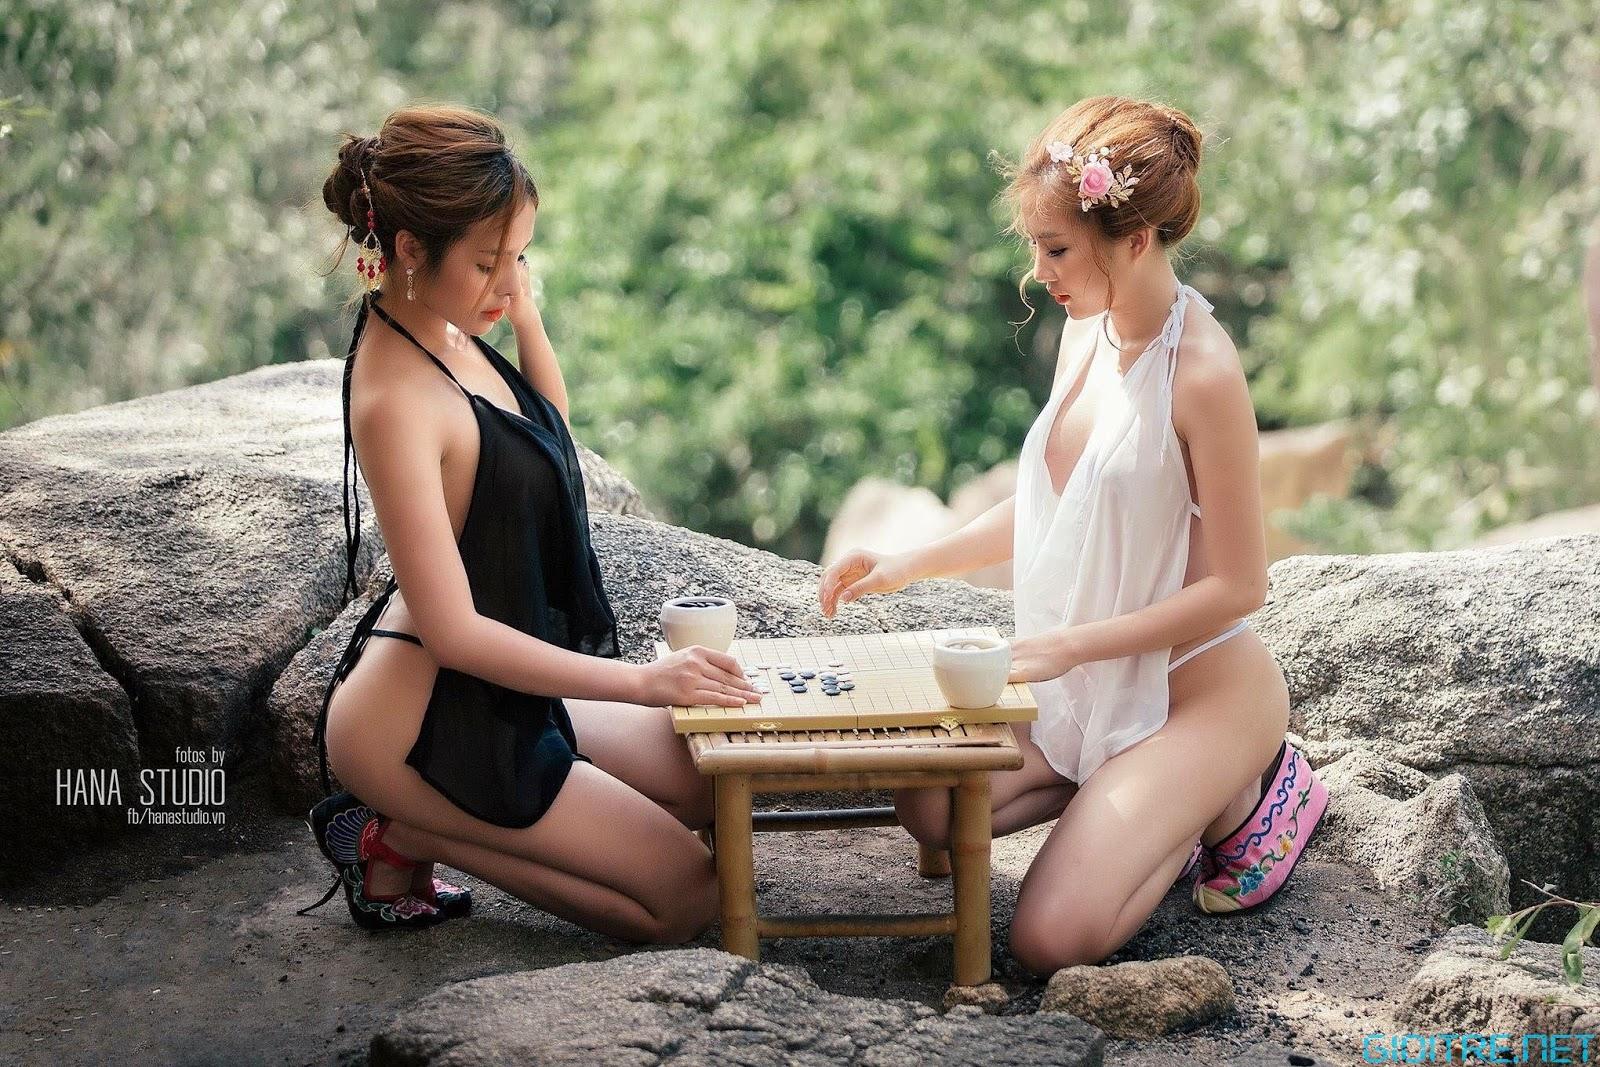 Ngất ngây con gà tây với bộ ảnh nóng hừng hực của 2 thiếu nữ trên núi